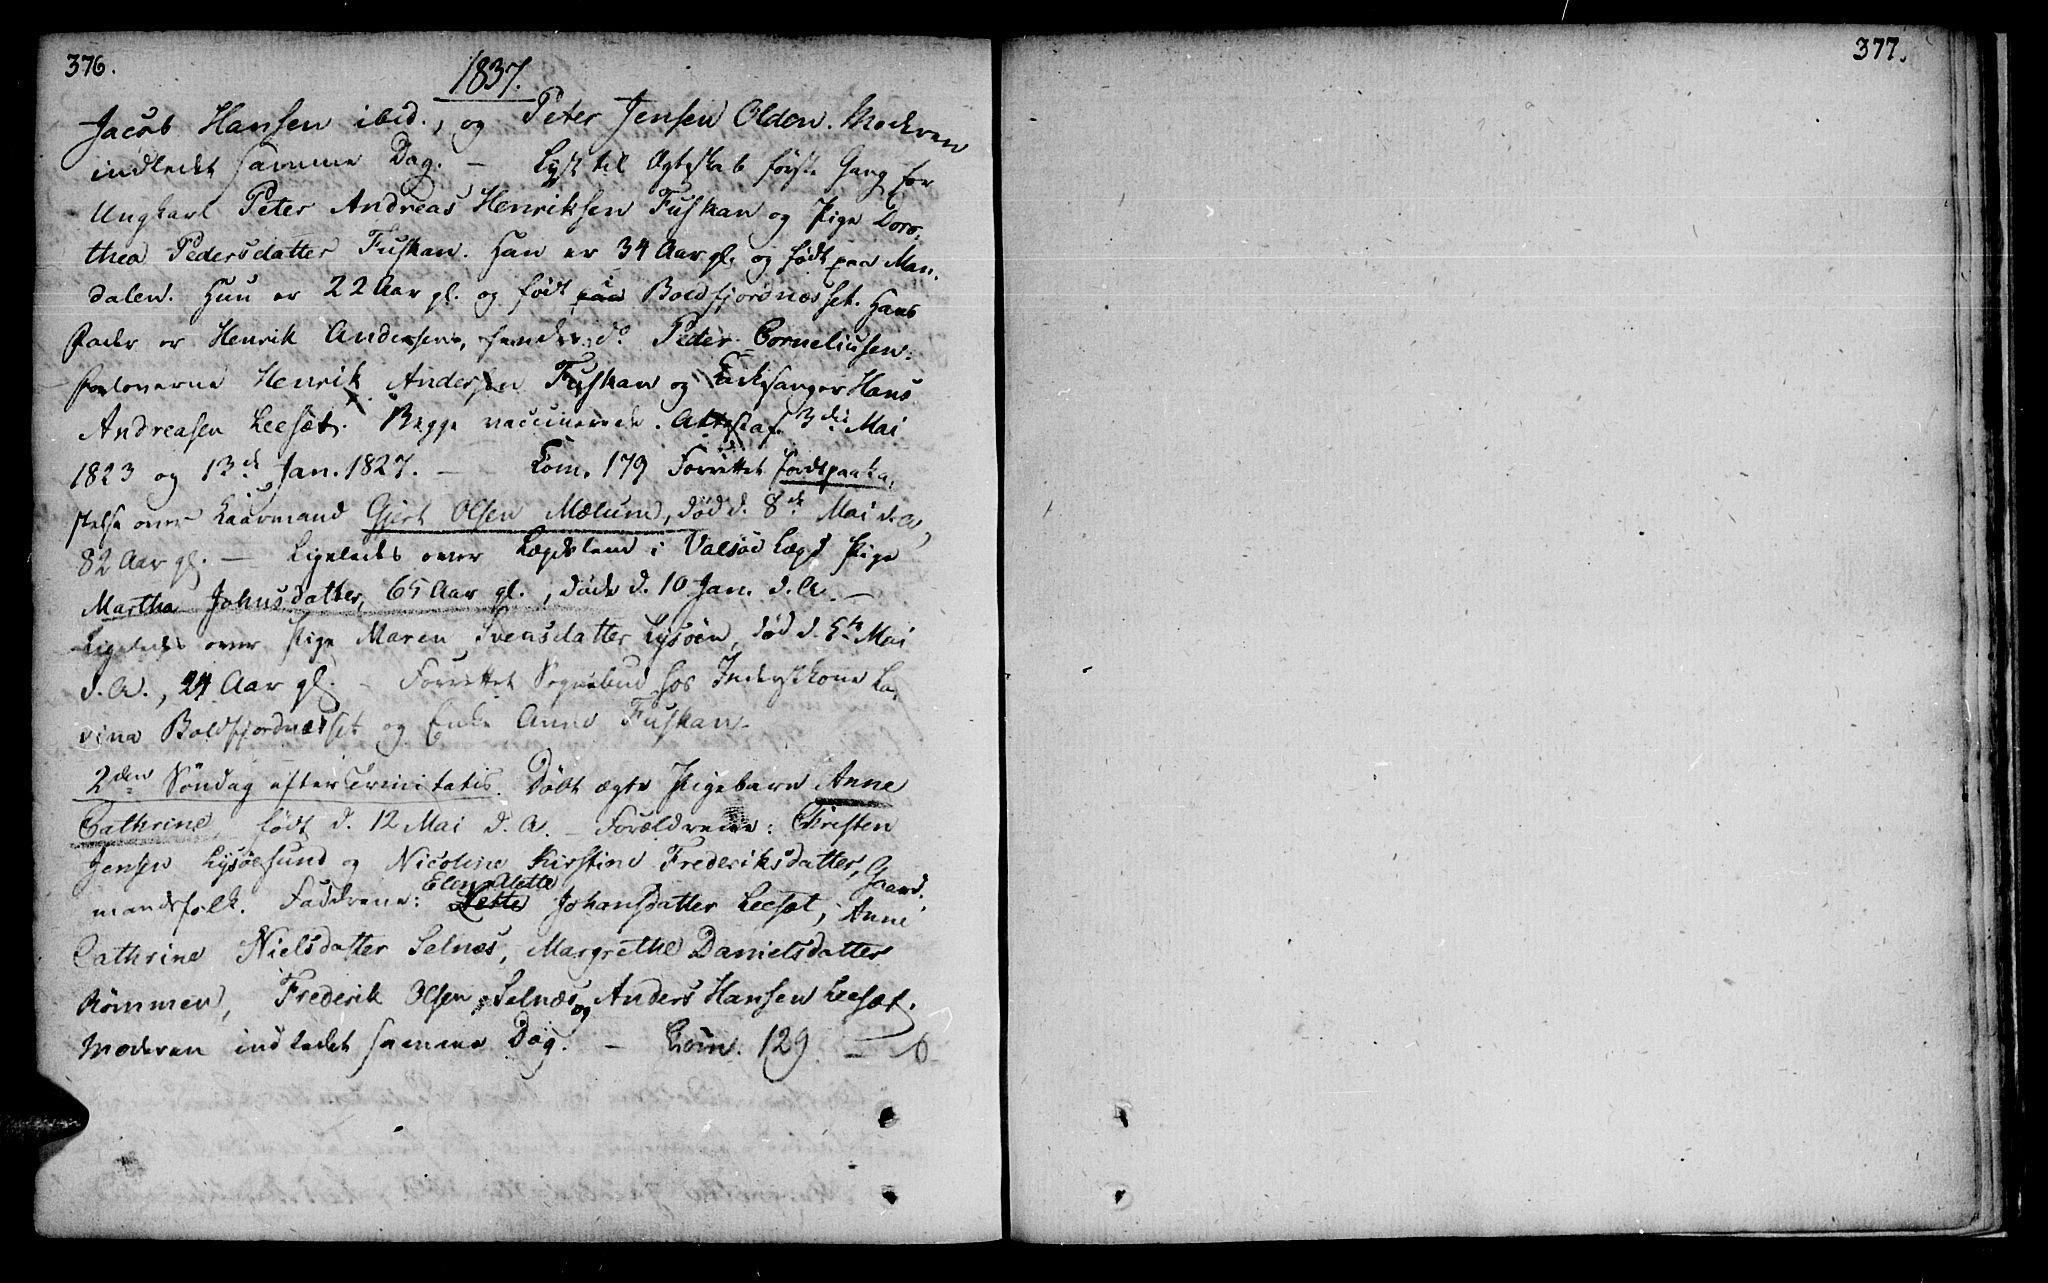 SAT, Ministerialprotokoller, klokkerbøker og fødselsregistre - Sør-Trøndelag, 655/L0674: Ministerialbok nr. 655A03, 1802-1826, s. 376-377